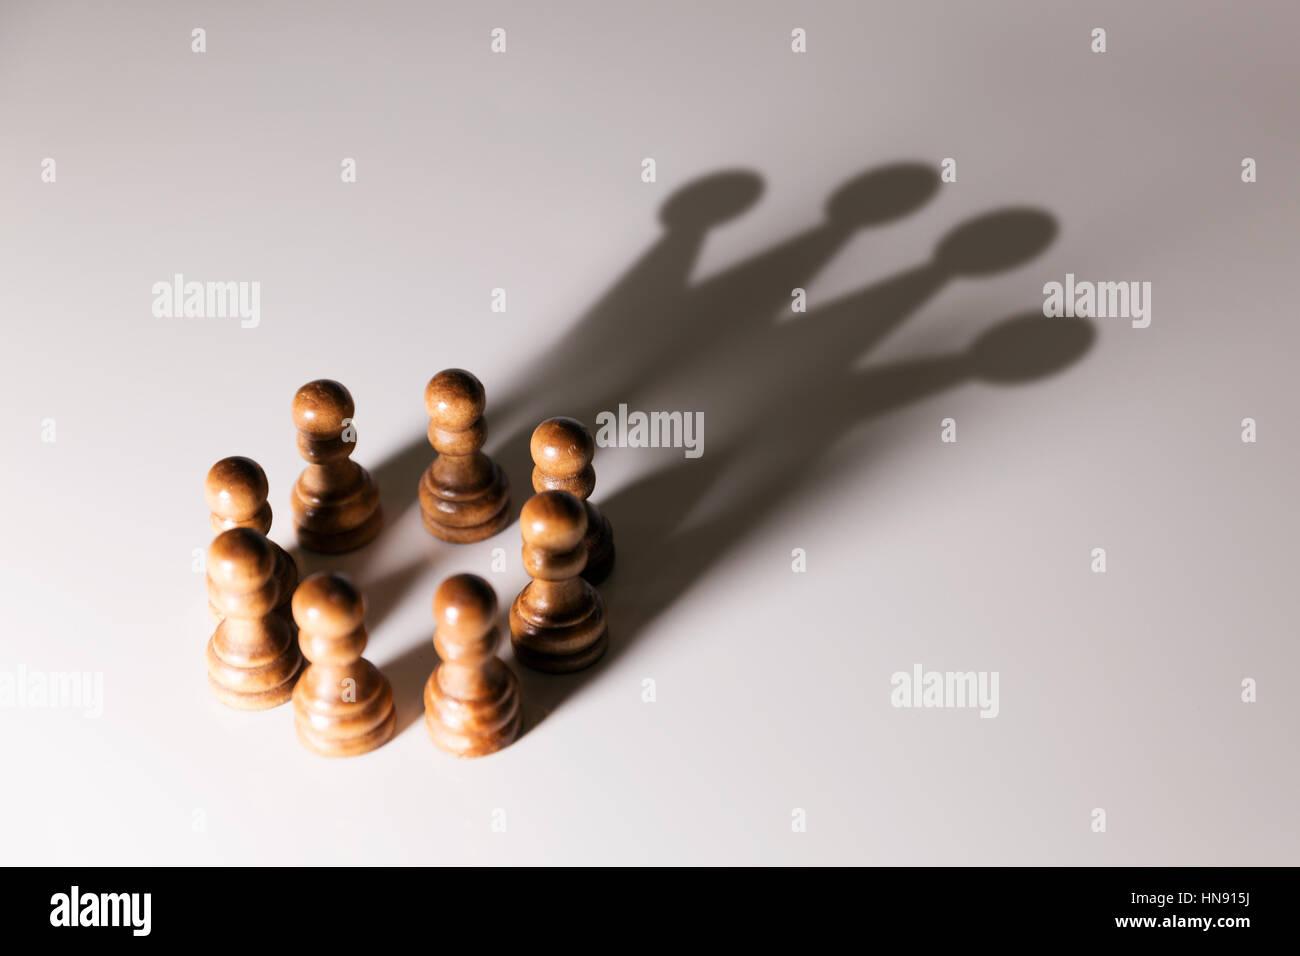 El liderazgo empresarial, el trabajo en equipo, poder y confianza concepto Imagen De Stock